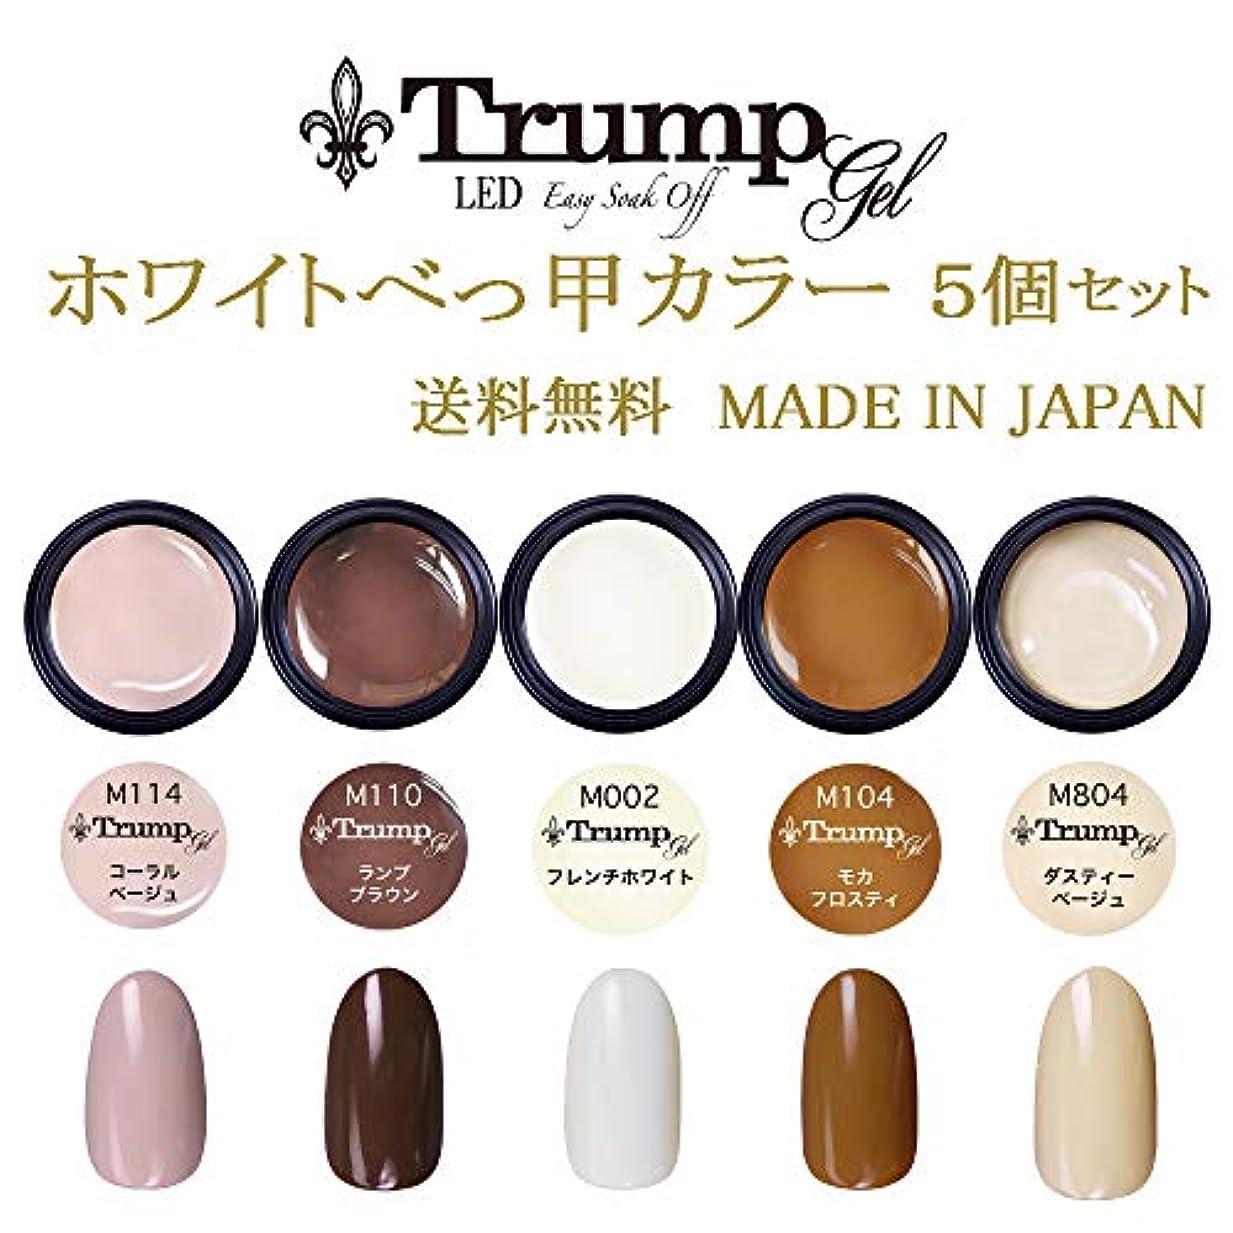 絶妙アミューズ海峡ひも【送料無料】日本製 Trump gel トランプジェルホワイトべっ甲カラージェル 5個セット スタイリッシュでオシャレな 白べっ甲カラージェルセット